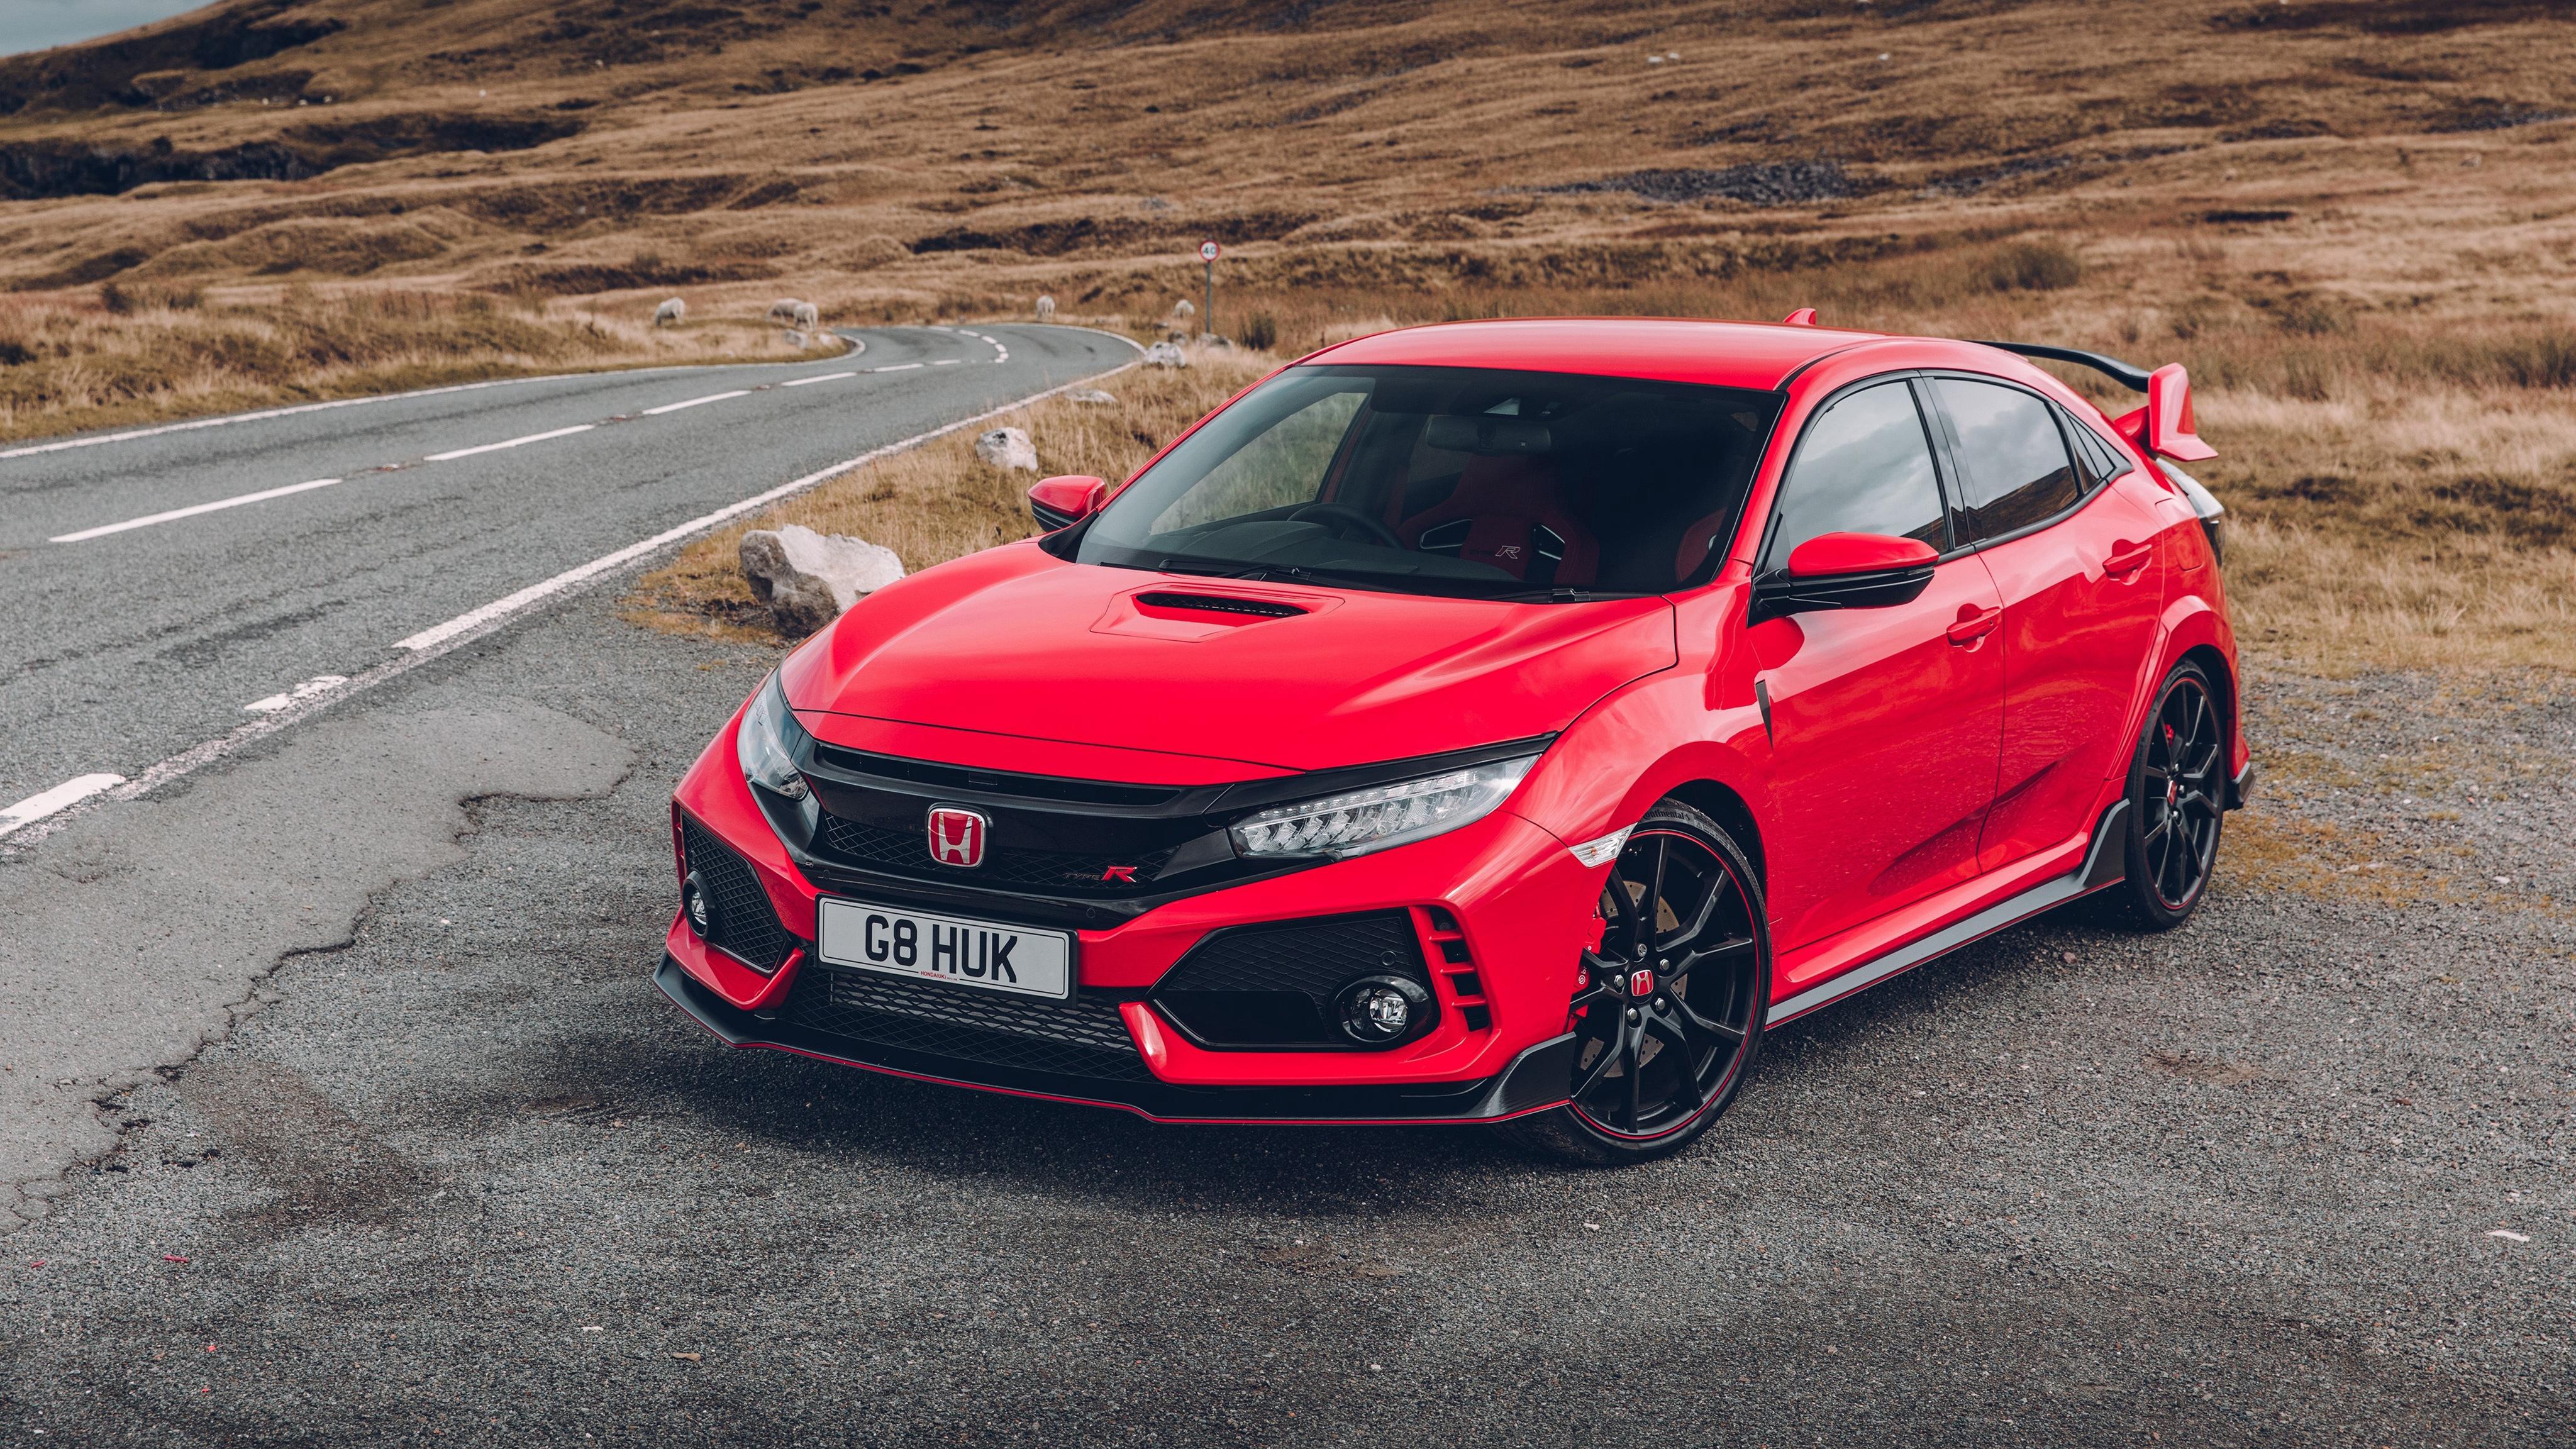 Kelebihan Harga Honda Civic Type R 2019 Perbandingan Harga